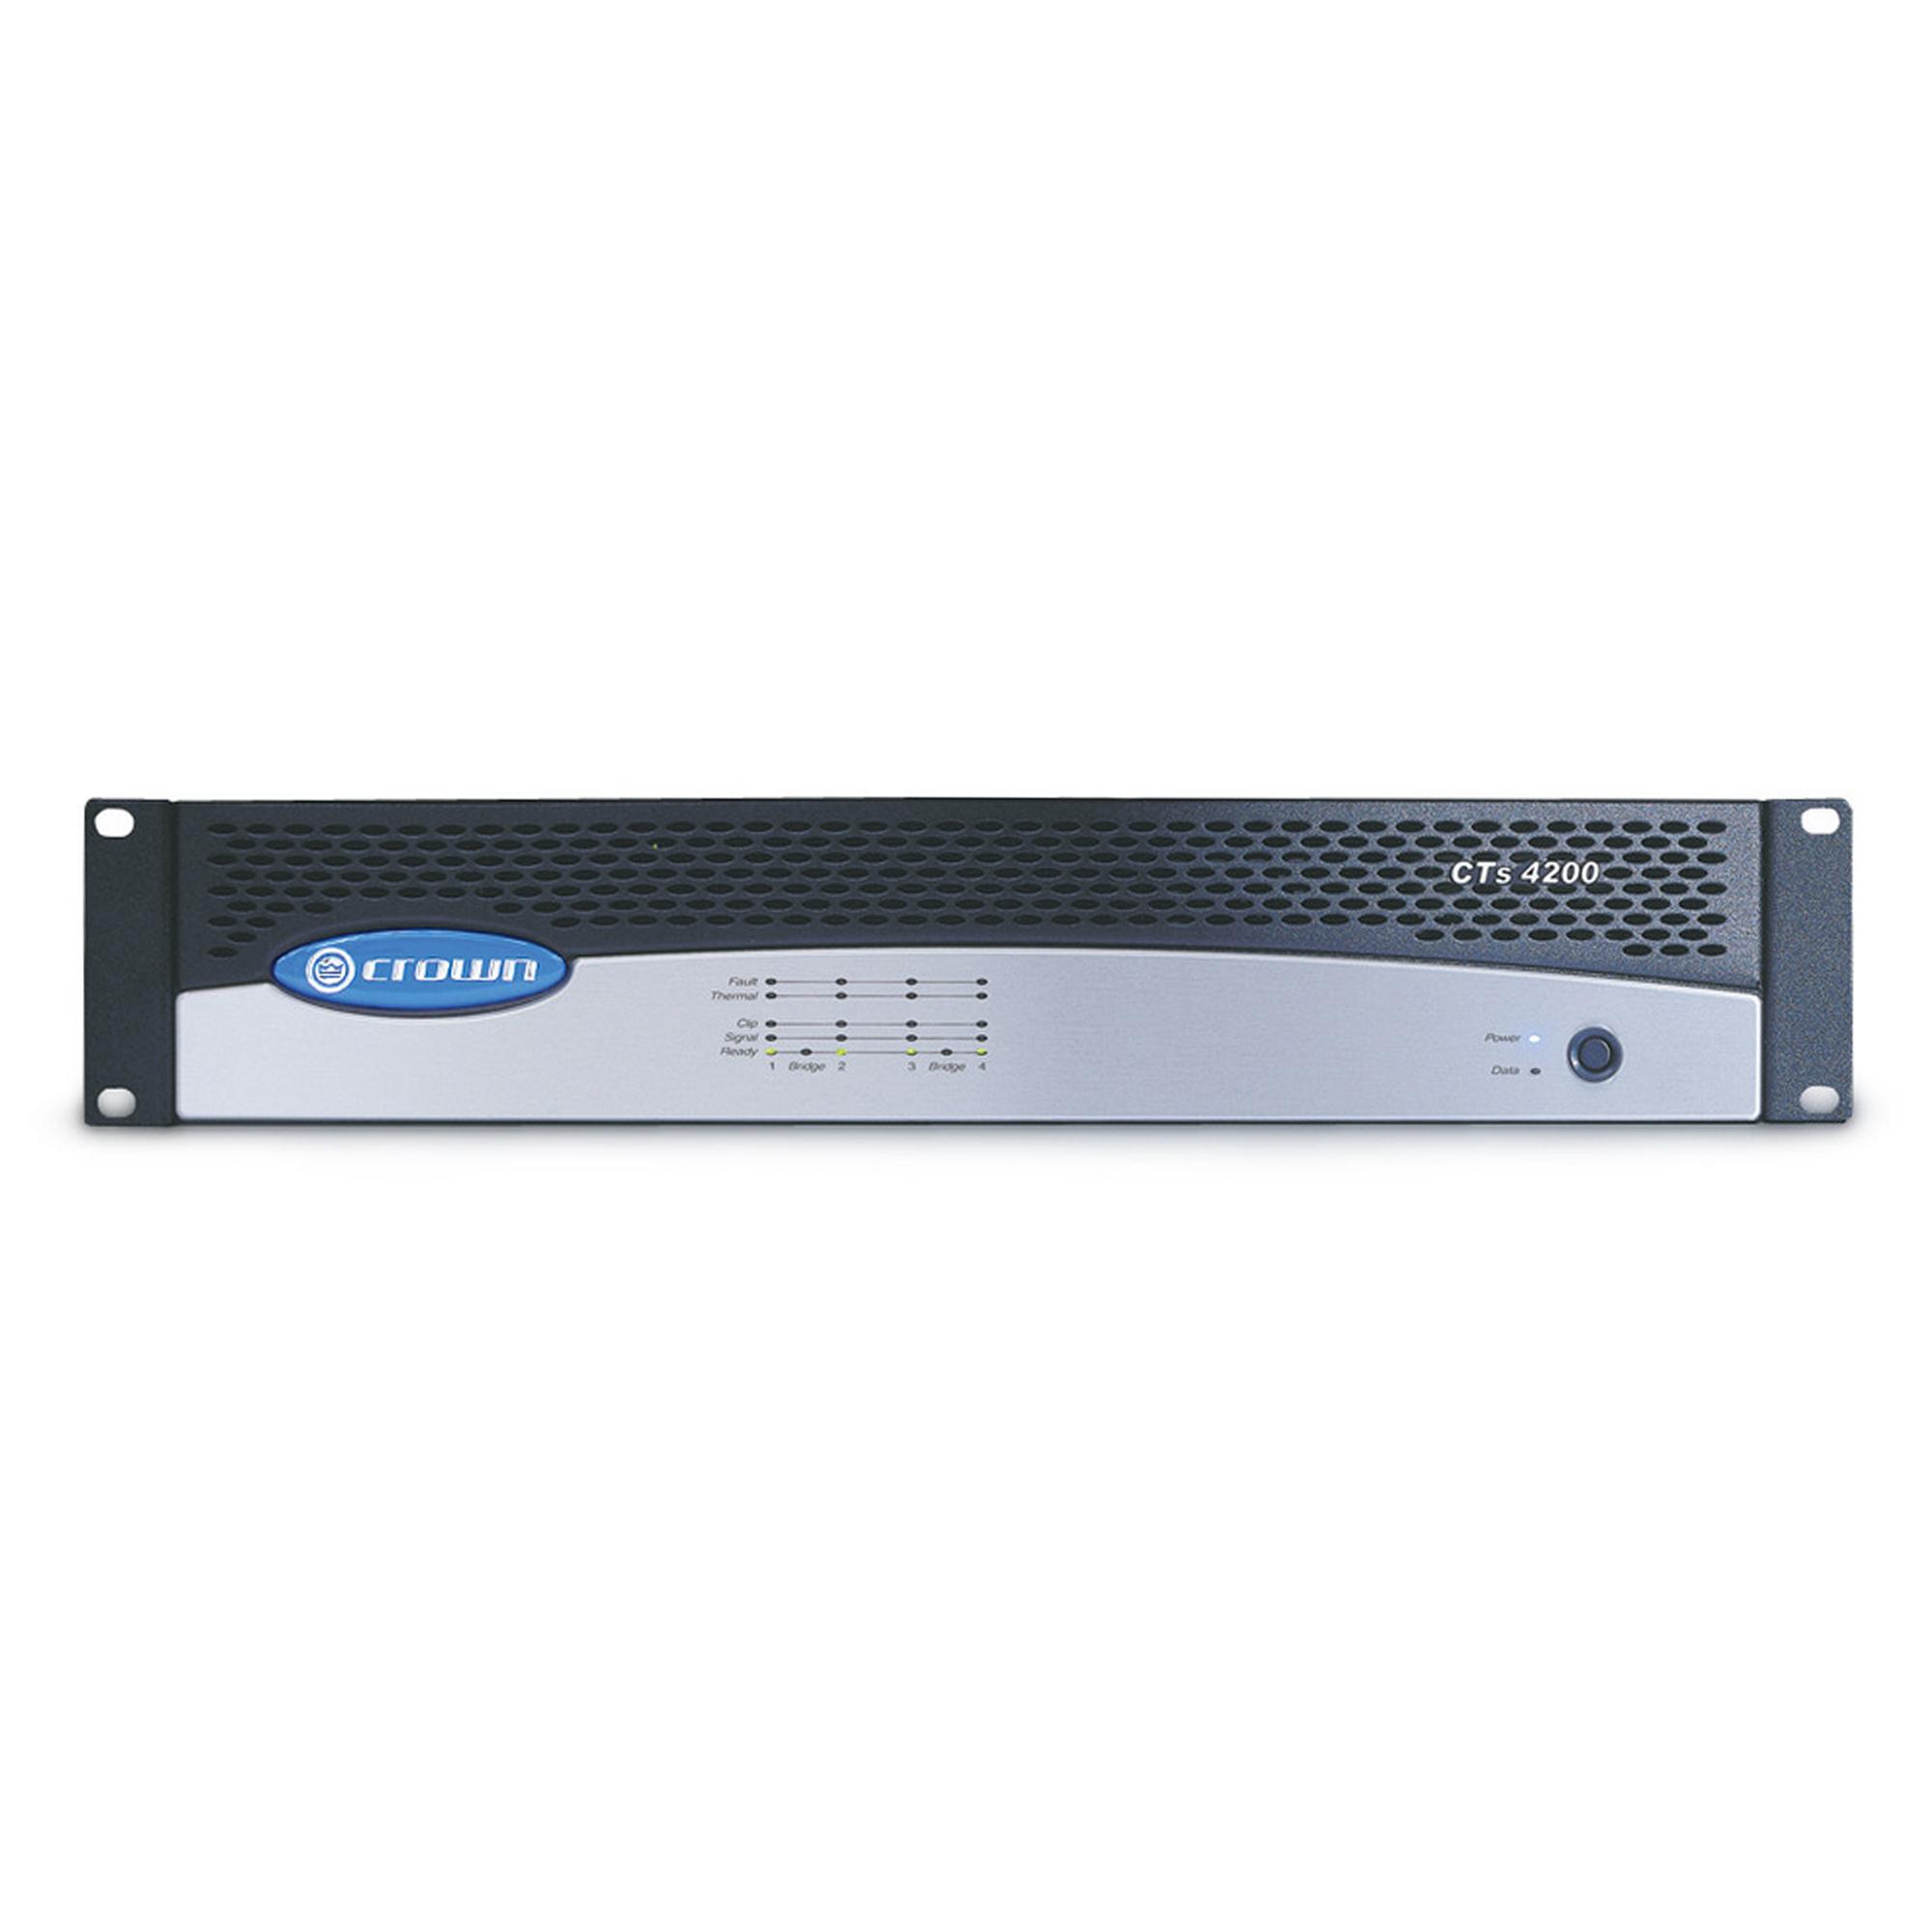 Four-channel, 260W Power Amplifier